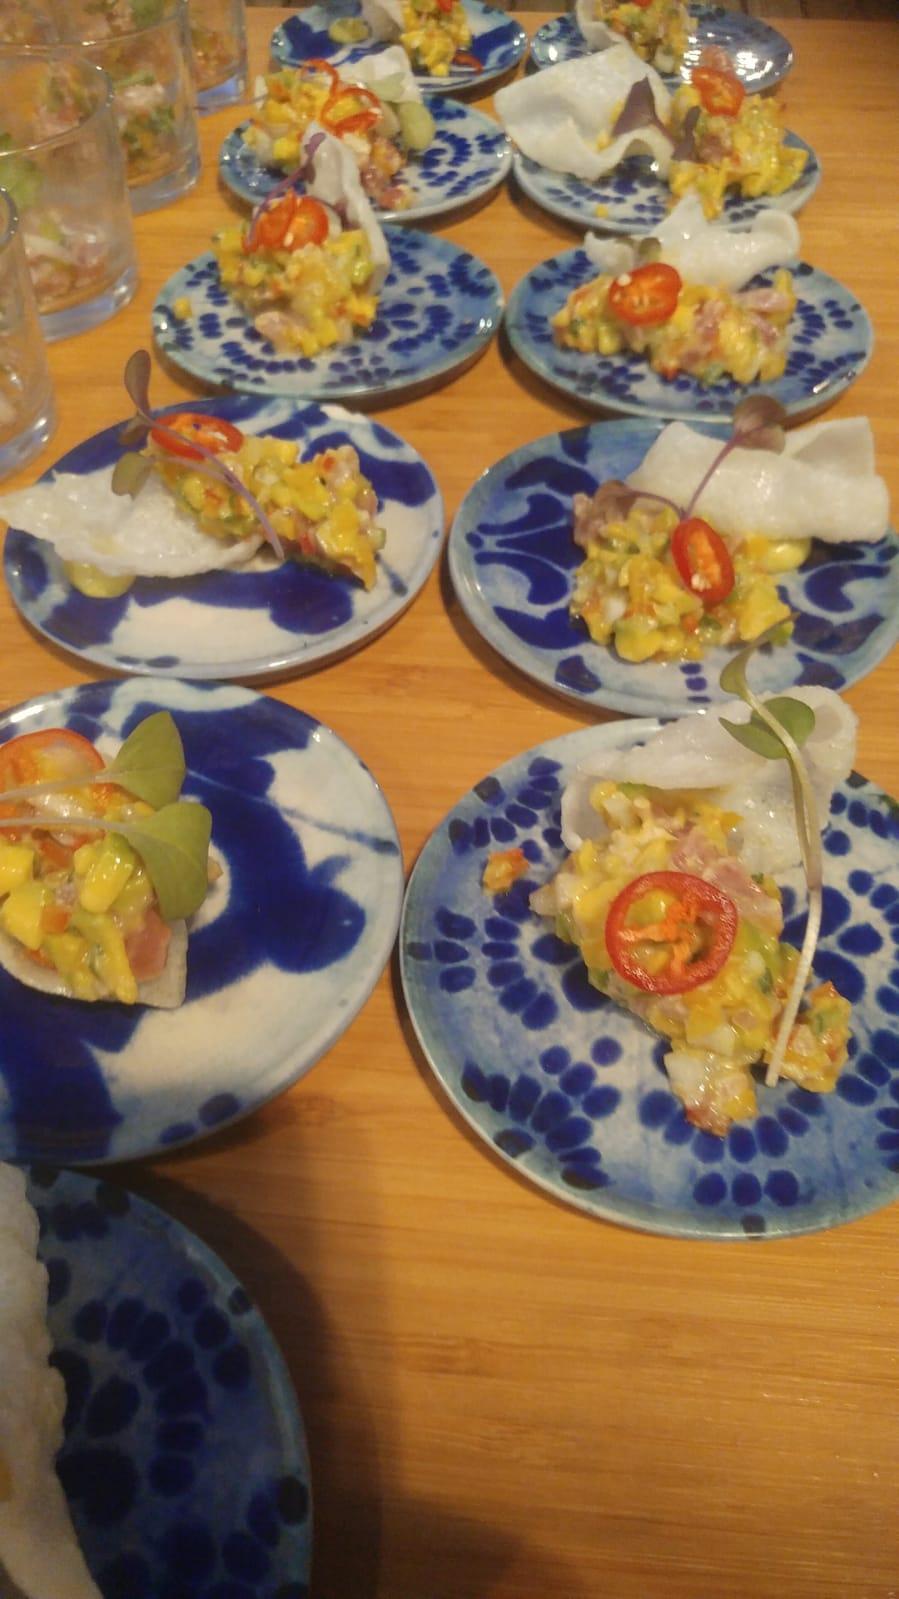 פשוט בישול מתכונים בסיסיים למתחילים by liran hagbi - Ourboox.com